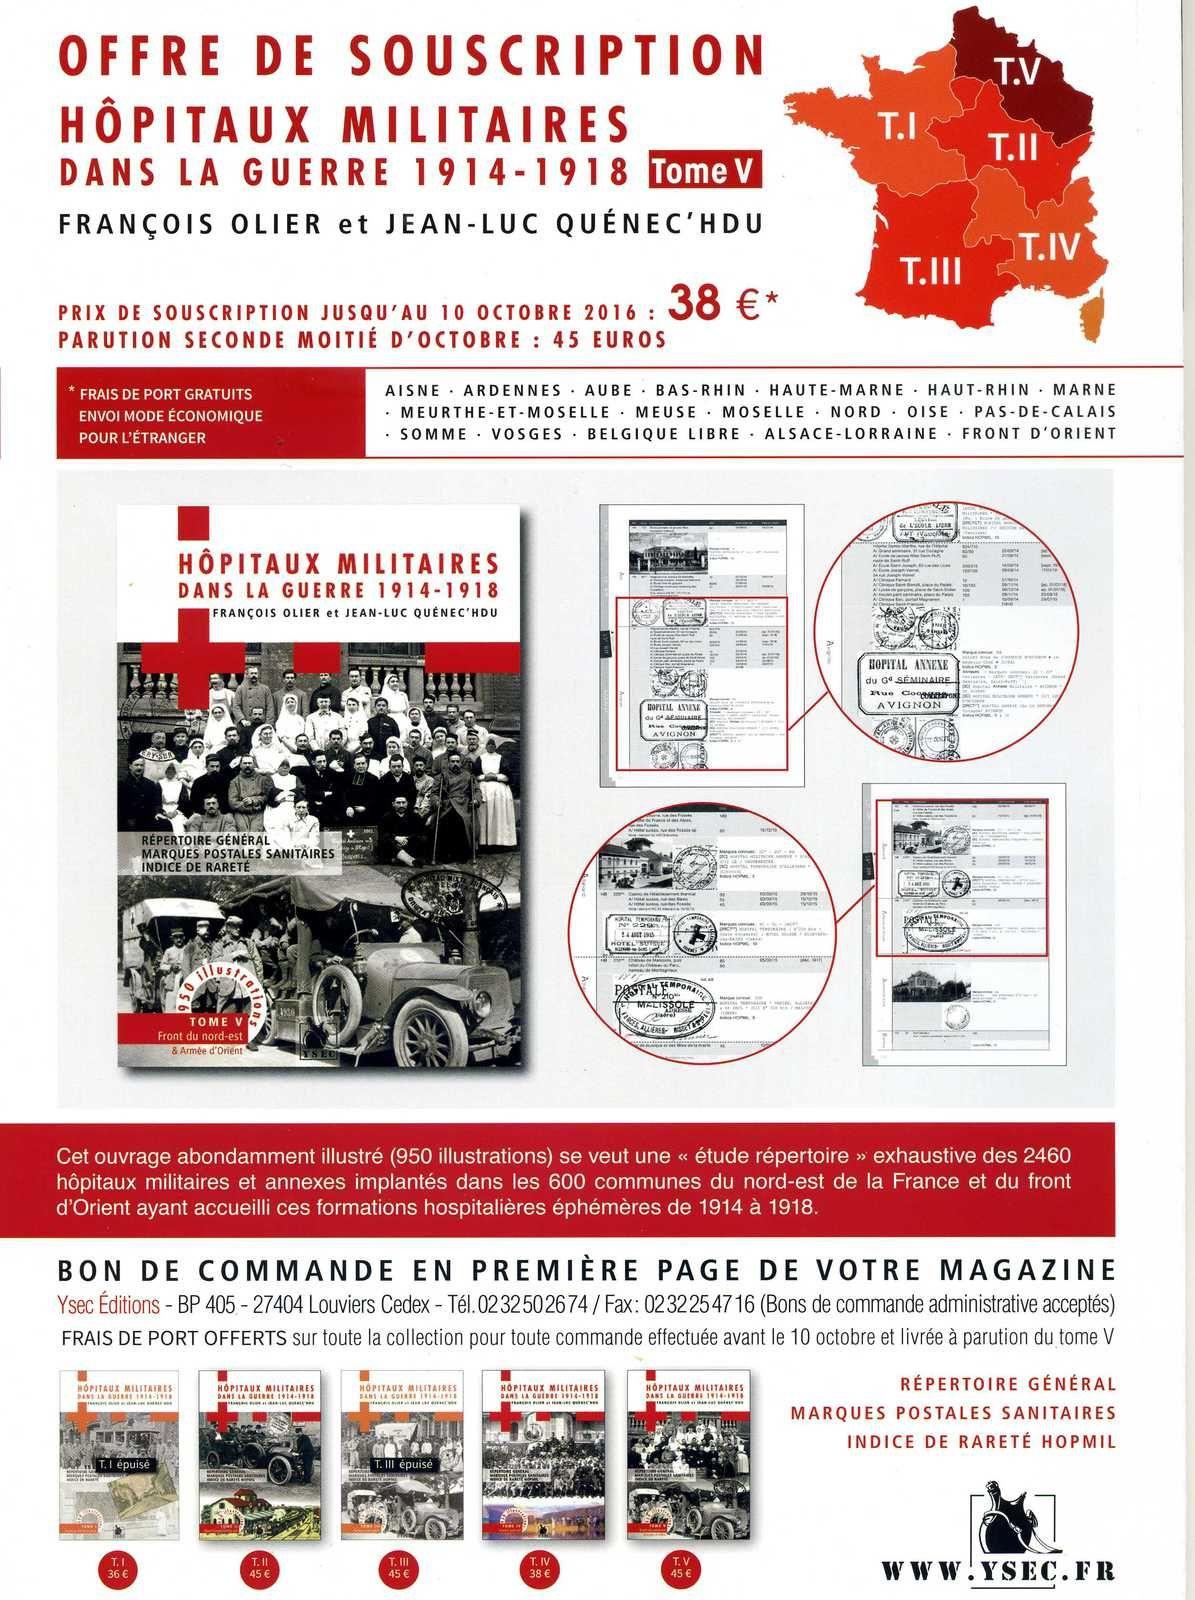 TOME 5 DES HOPITAUX MILITAIRES DANS LA GUERRE 1914-1918